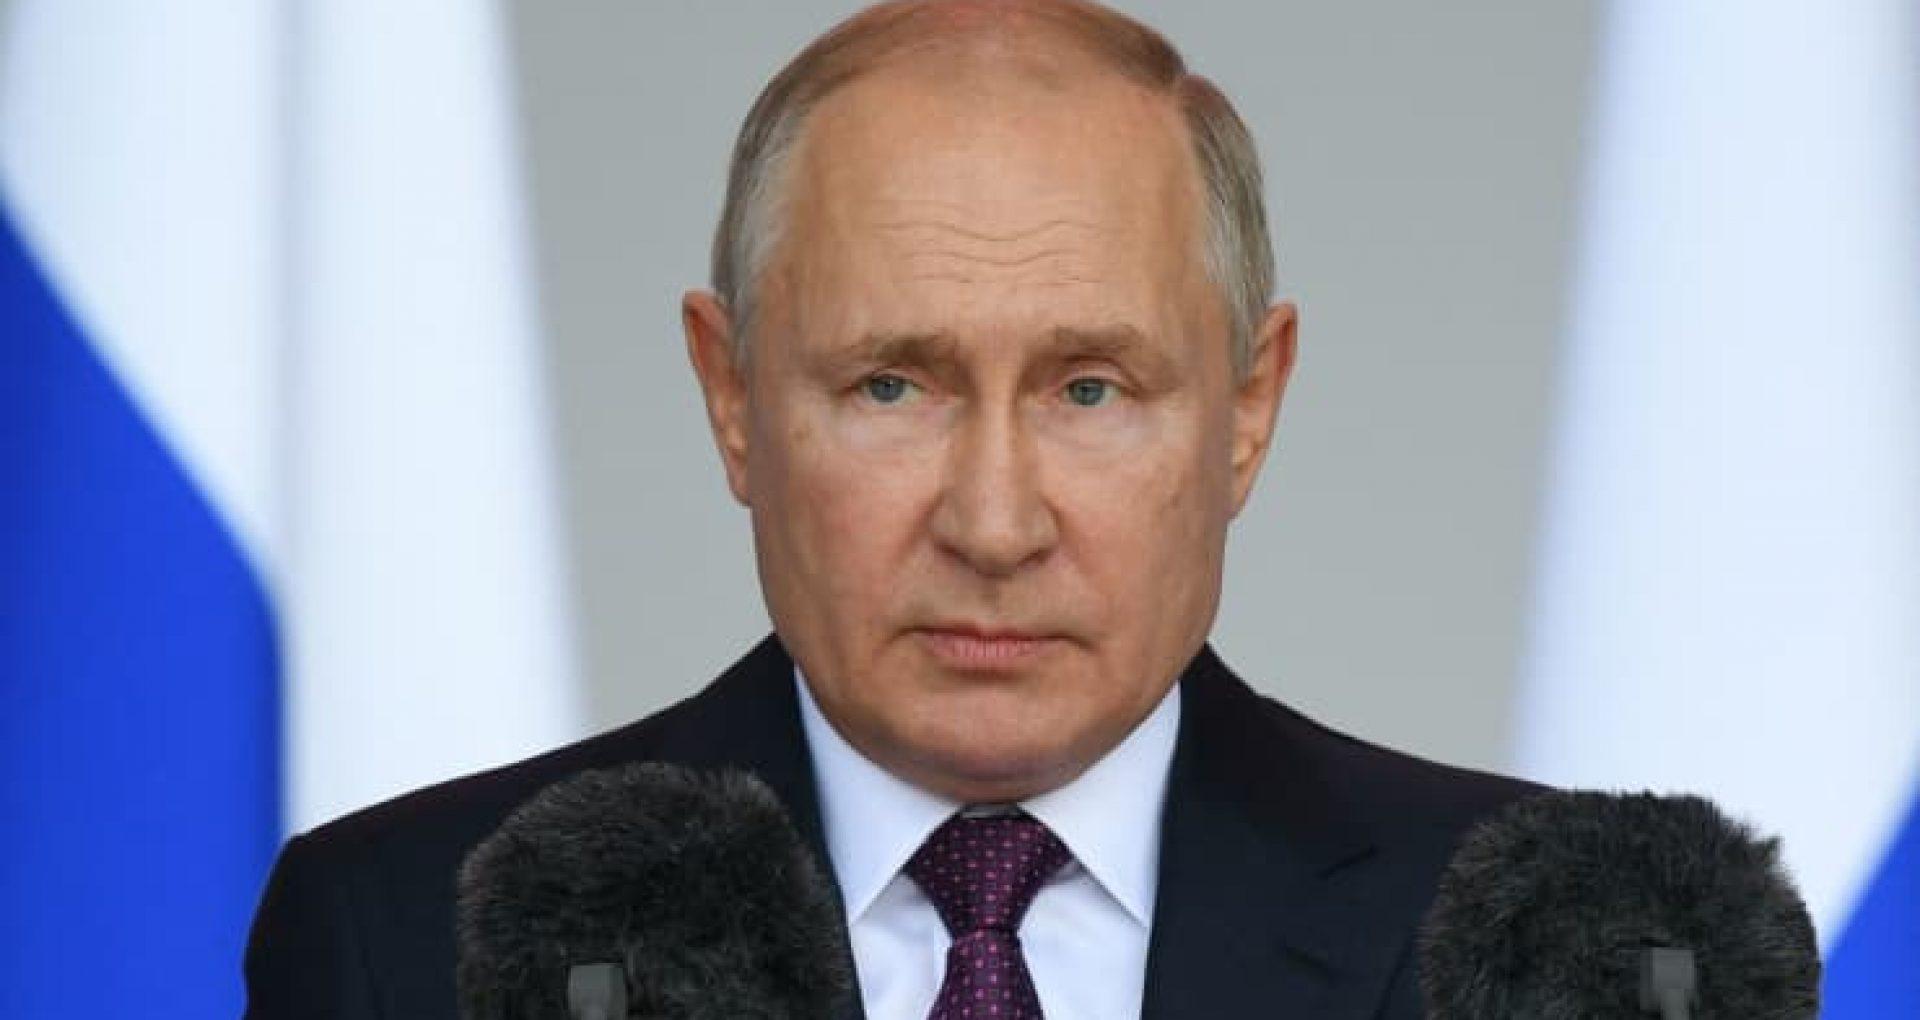 Președintele Federației Ruse a intrat în izolare după ce câțiva membri ai anturajului său s-au infectat cu COVID-19